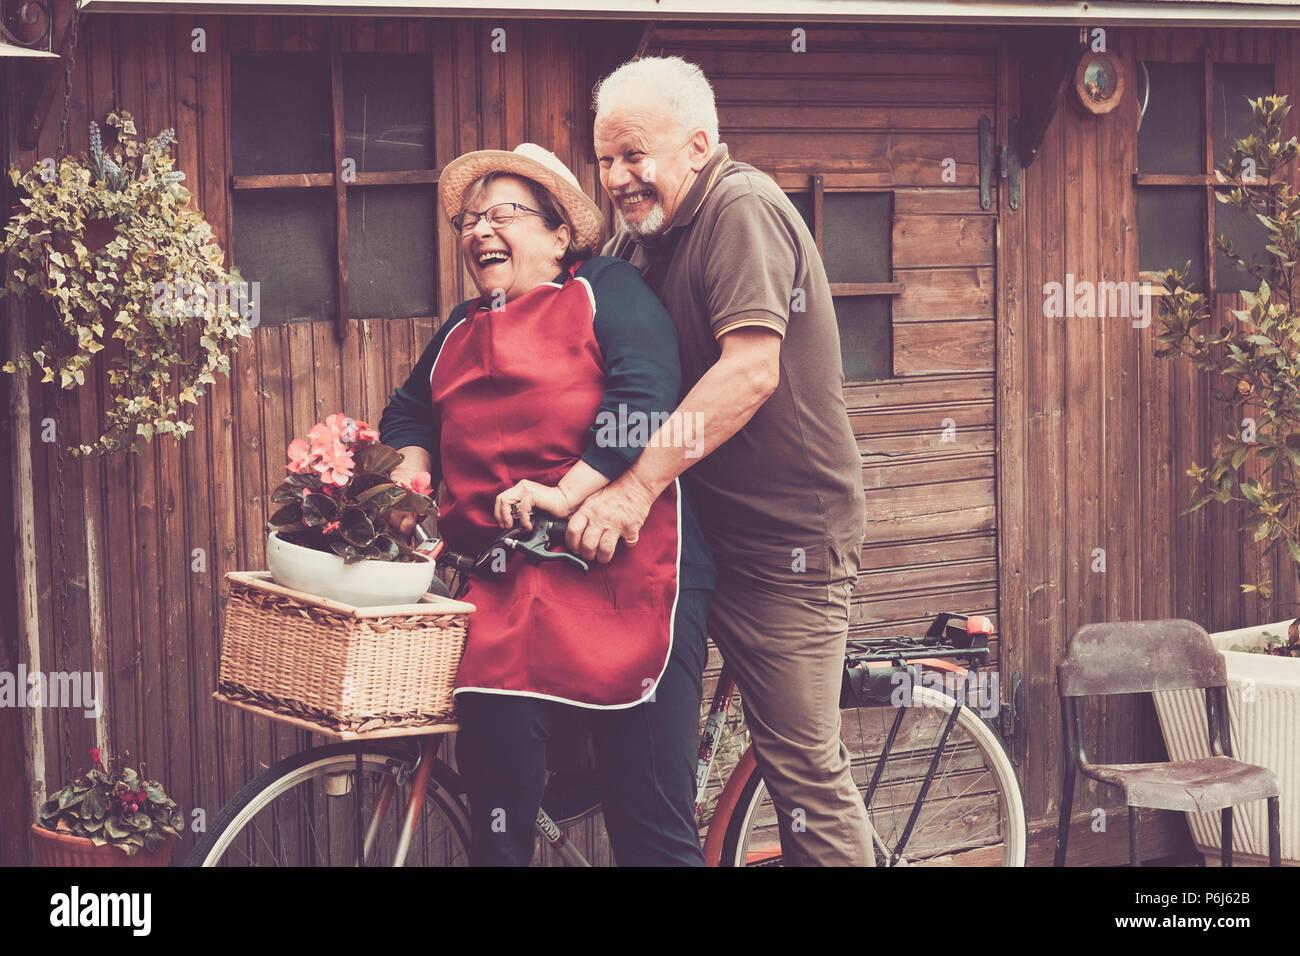 Les personnes de race blanche Nice profiter tant à l'extérieur loisirs sur un seul vélo comme un fou. lauhing ensemble moments drôles à la maison à l'extérieur du filtre et la couleur vintage. Photo Stock